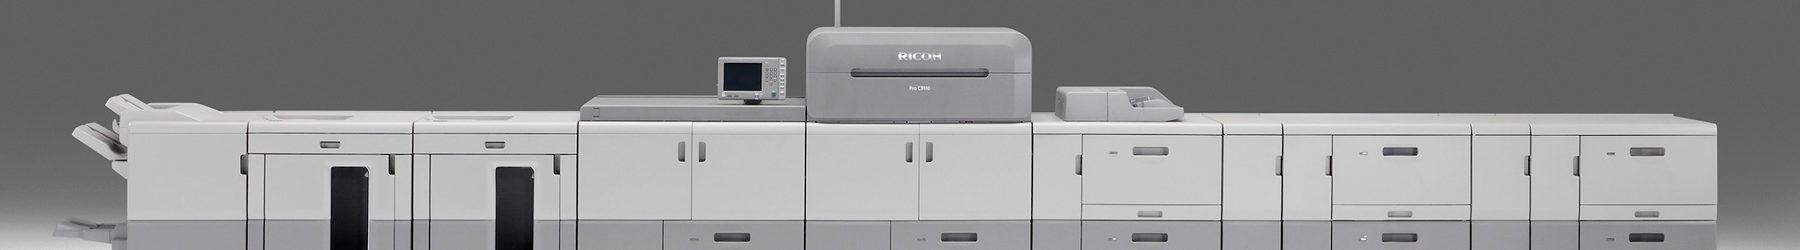 Ricoh Pro 9110